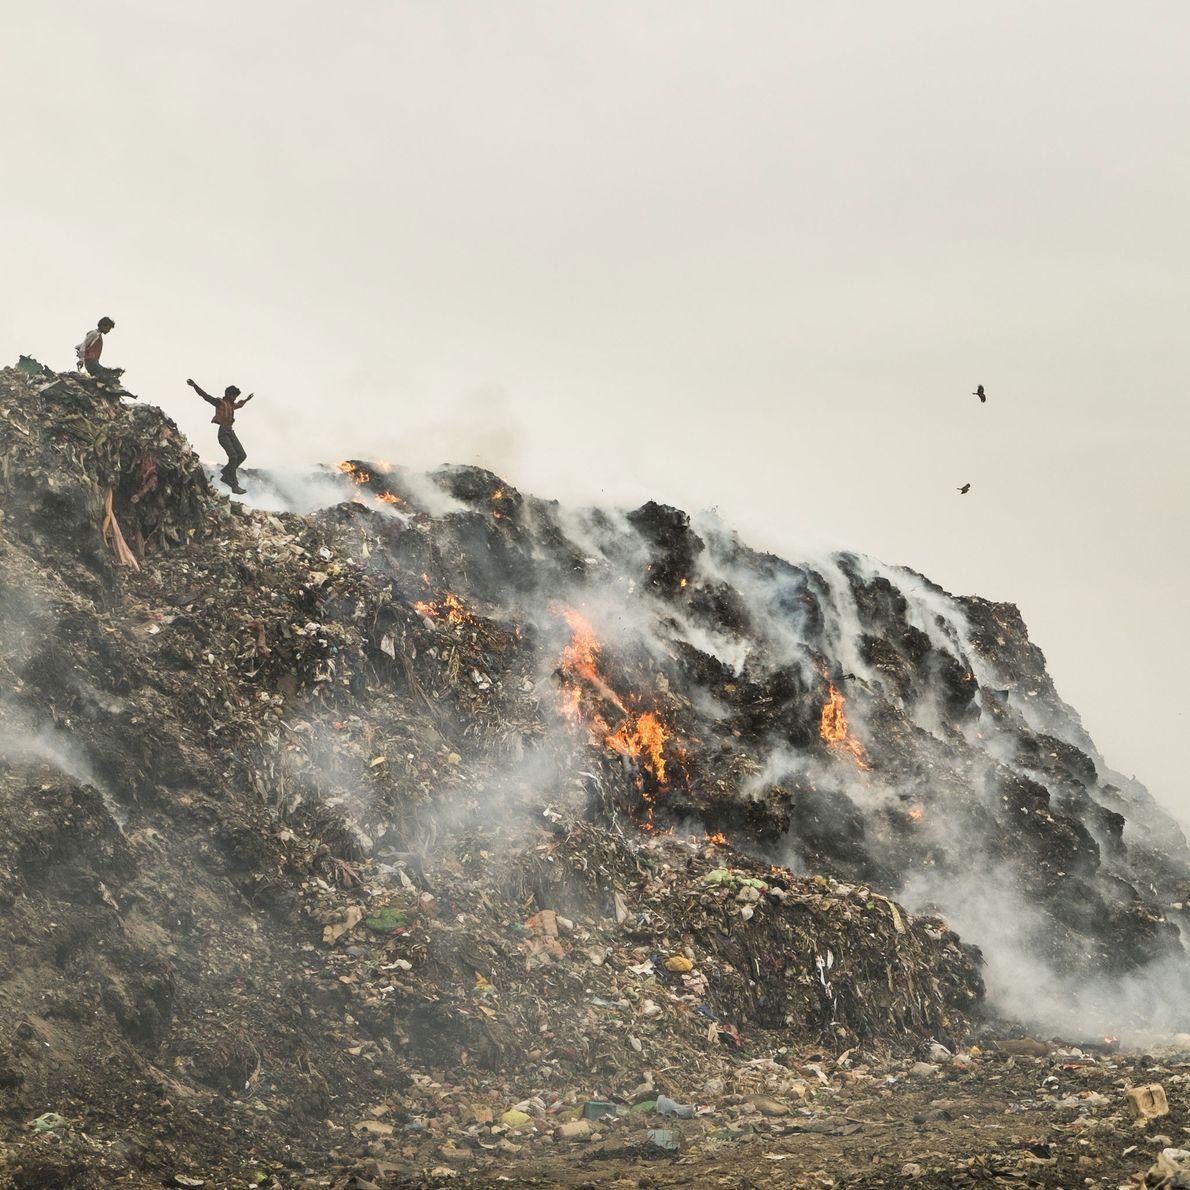 poluição gerada pela queima do lixo em Deli